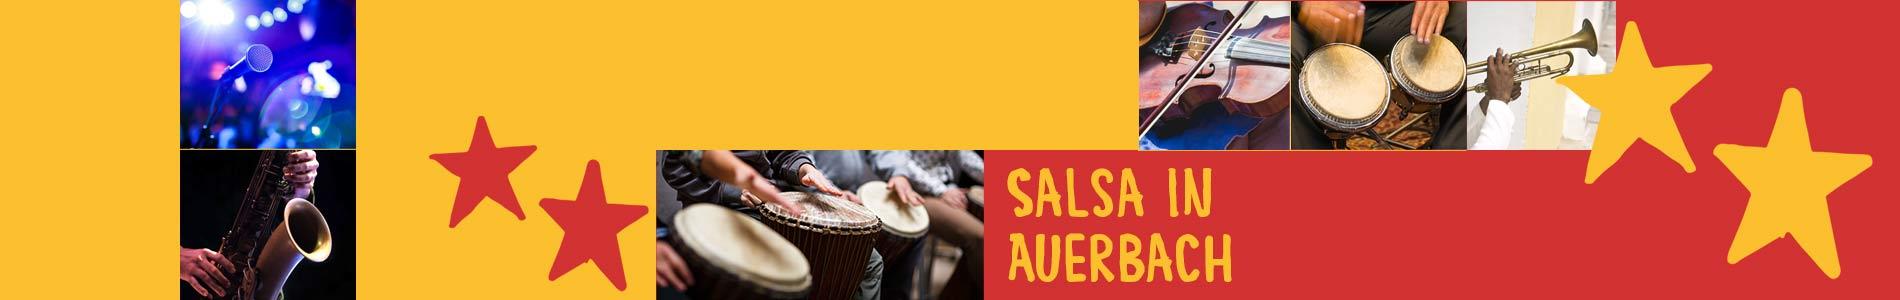 Salsa in Auerbach – Salsa lernen und tanzen, Tanzkurse, Partys, Veranstaltungen